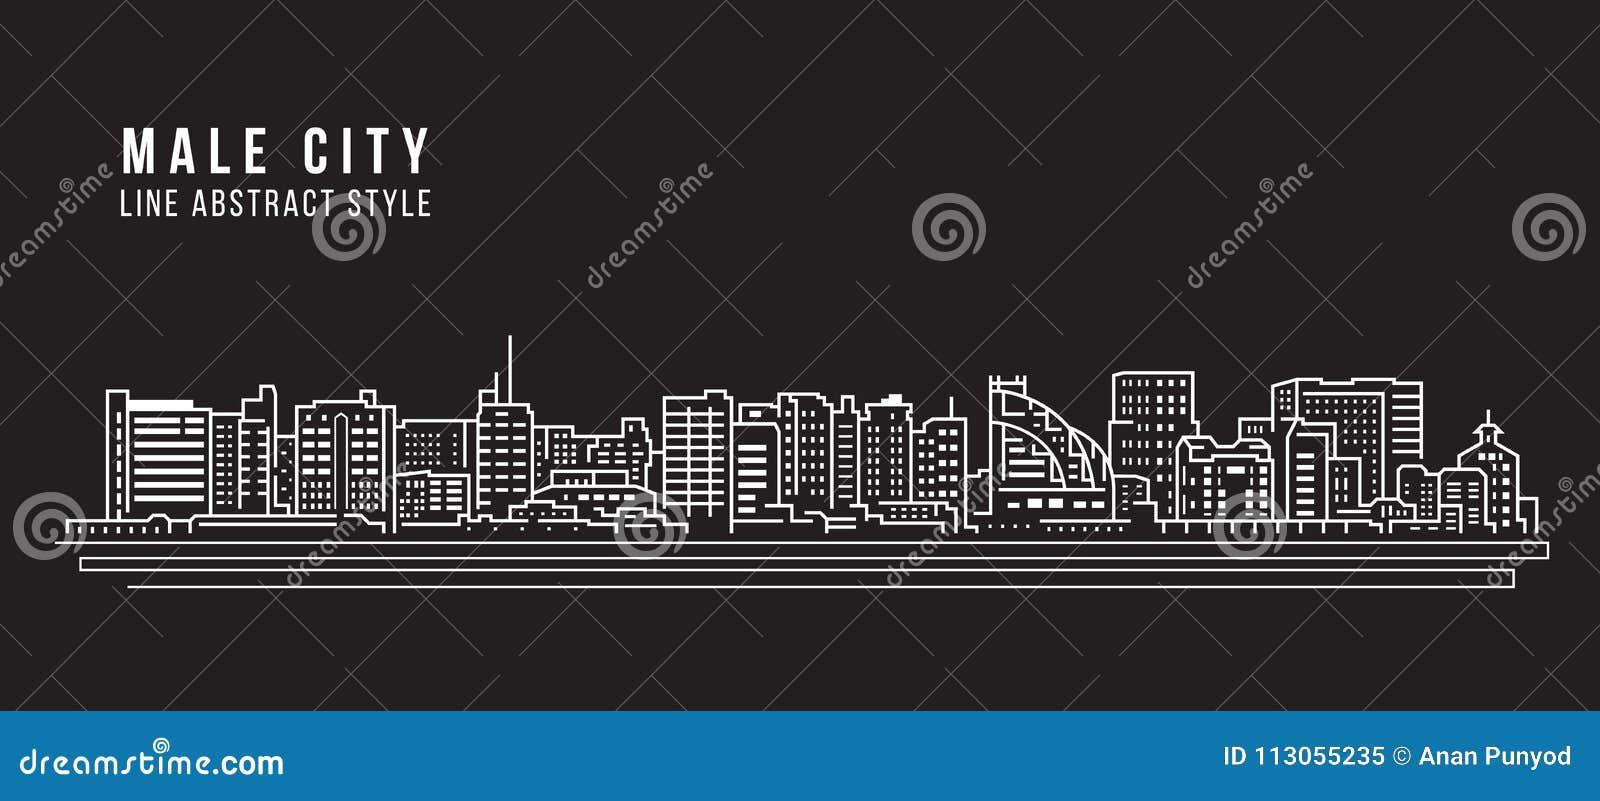 Linha projeto da construção da arquitetura da cidade da ilustração do vetor da arte - cidade masculina - Maldivas